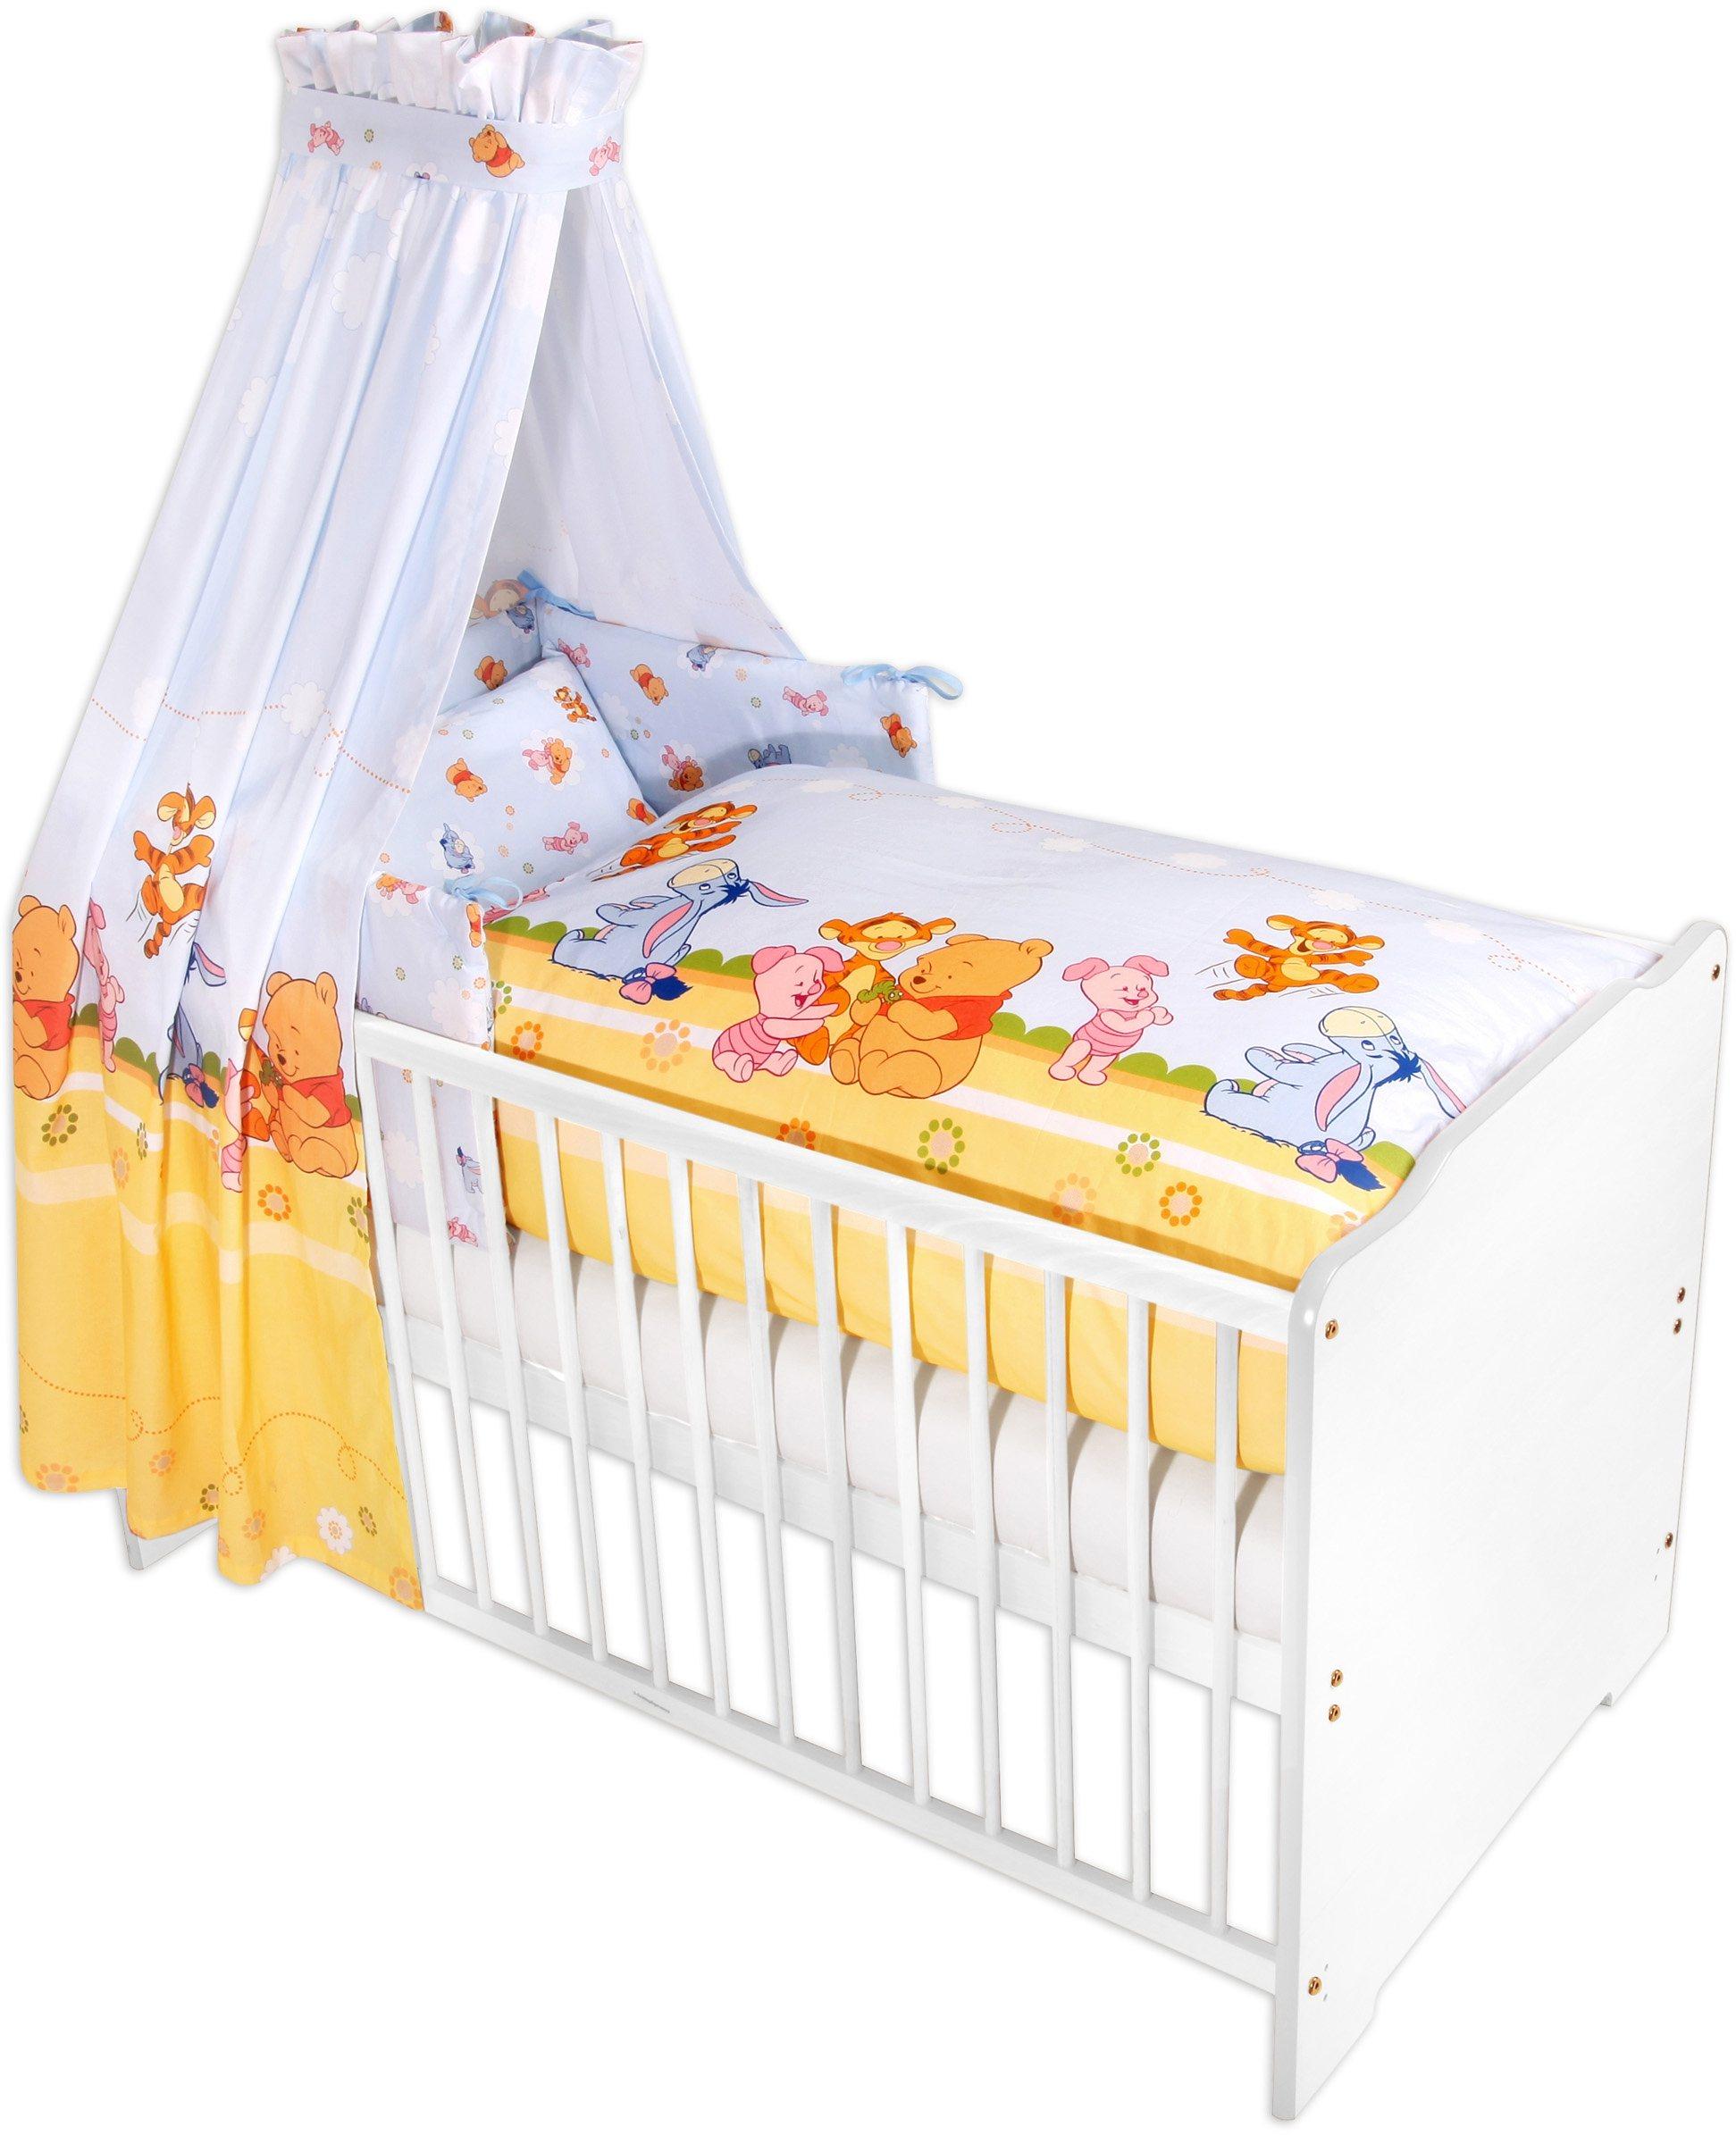 Disney Baby 7-tlg. Komplettbett, Babybett+ Matratze+ Himmelstange+ Himmel+ Nestchen+ Bettwäsche   Kinderzimmer > Babymöbel > Babybetten & Babywiegen   Baumwolle   Disney Baby